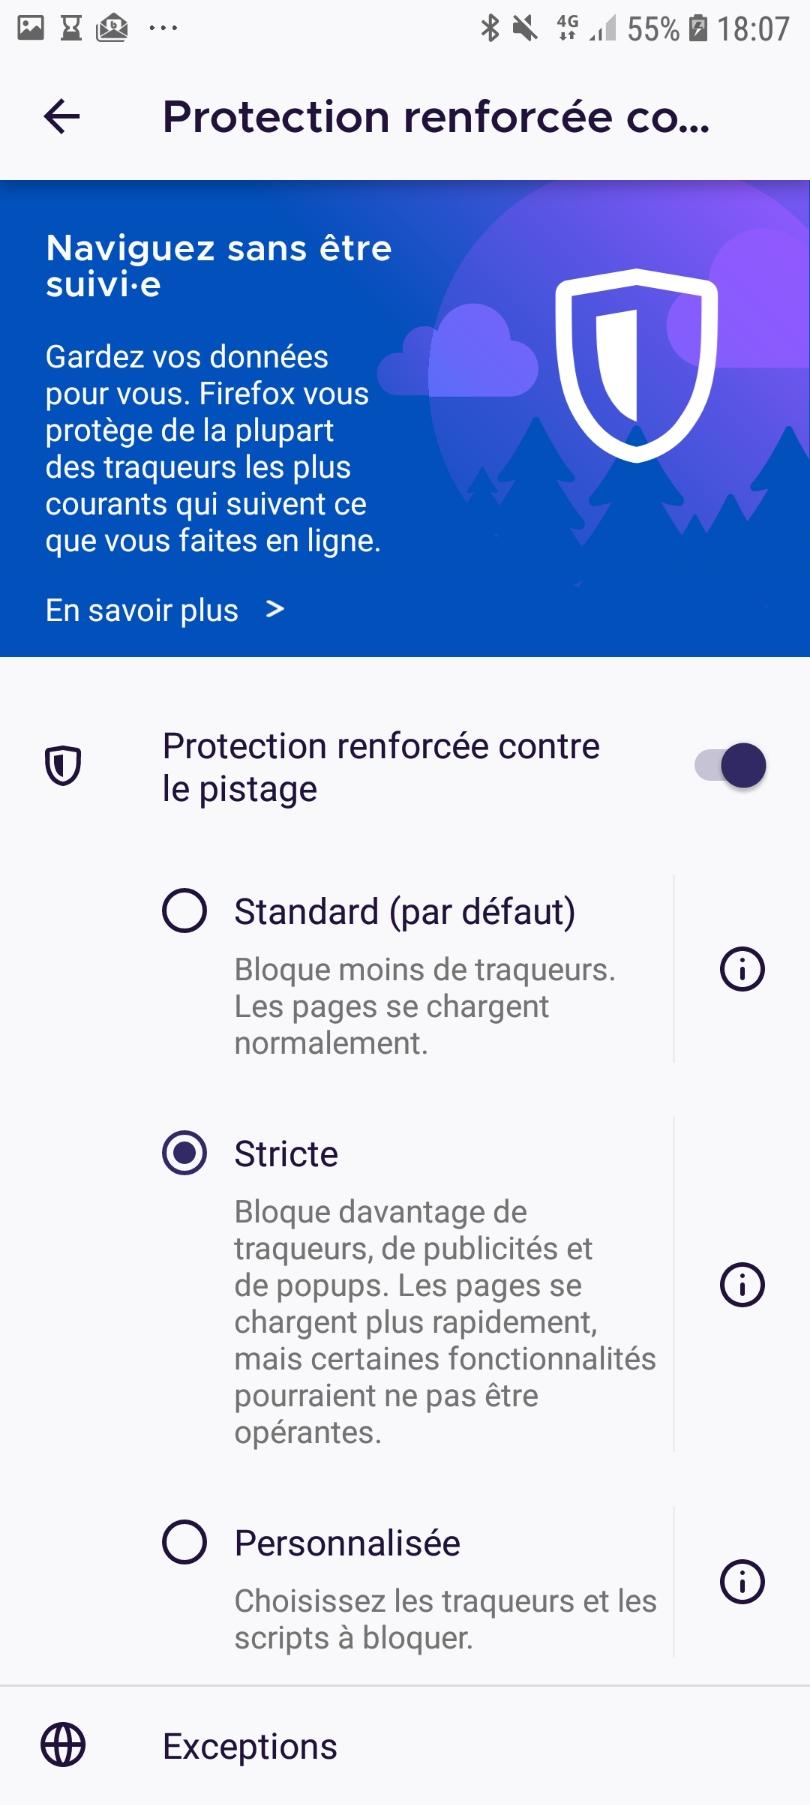 Paramètres de la protection renforcée contre le pistage de Firefox pour Android